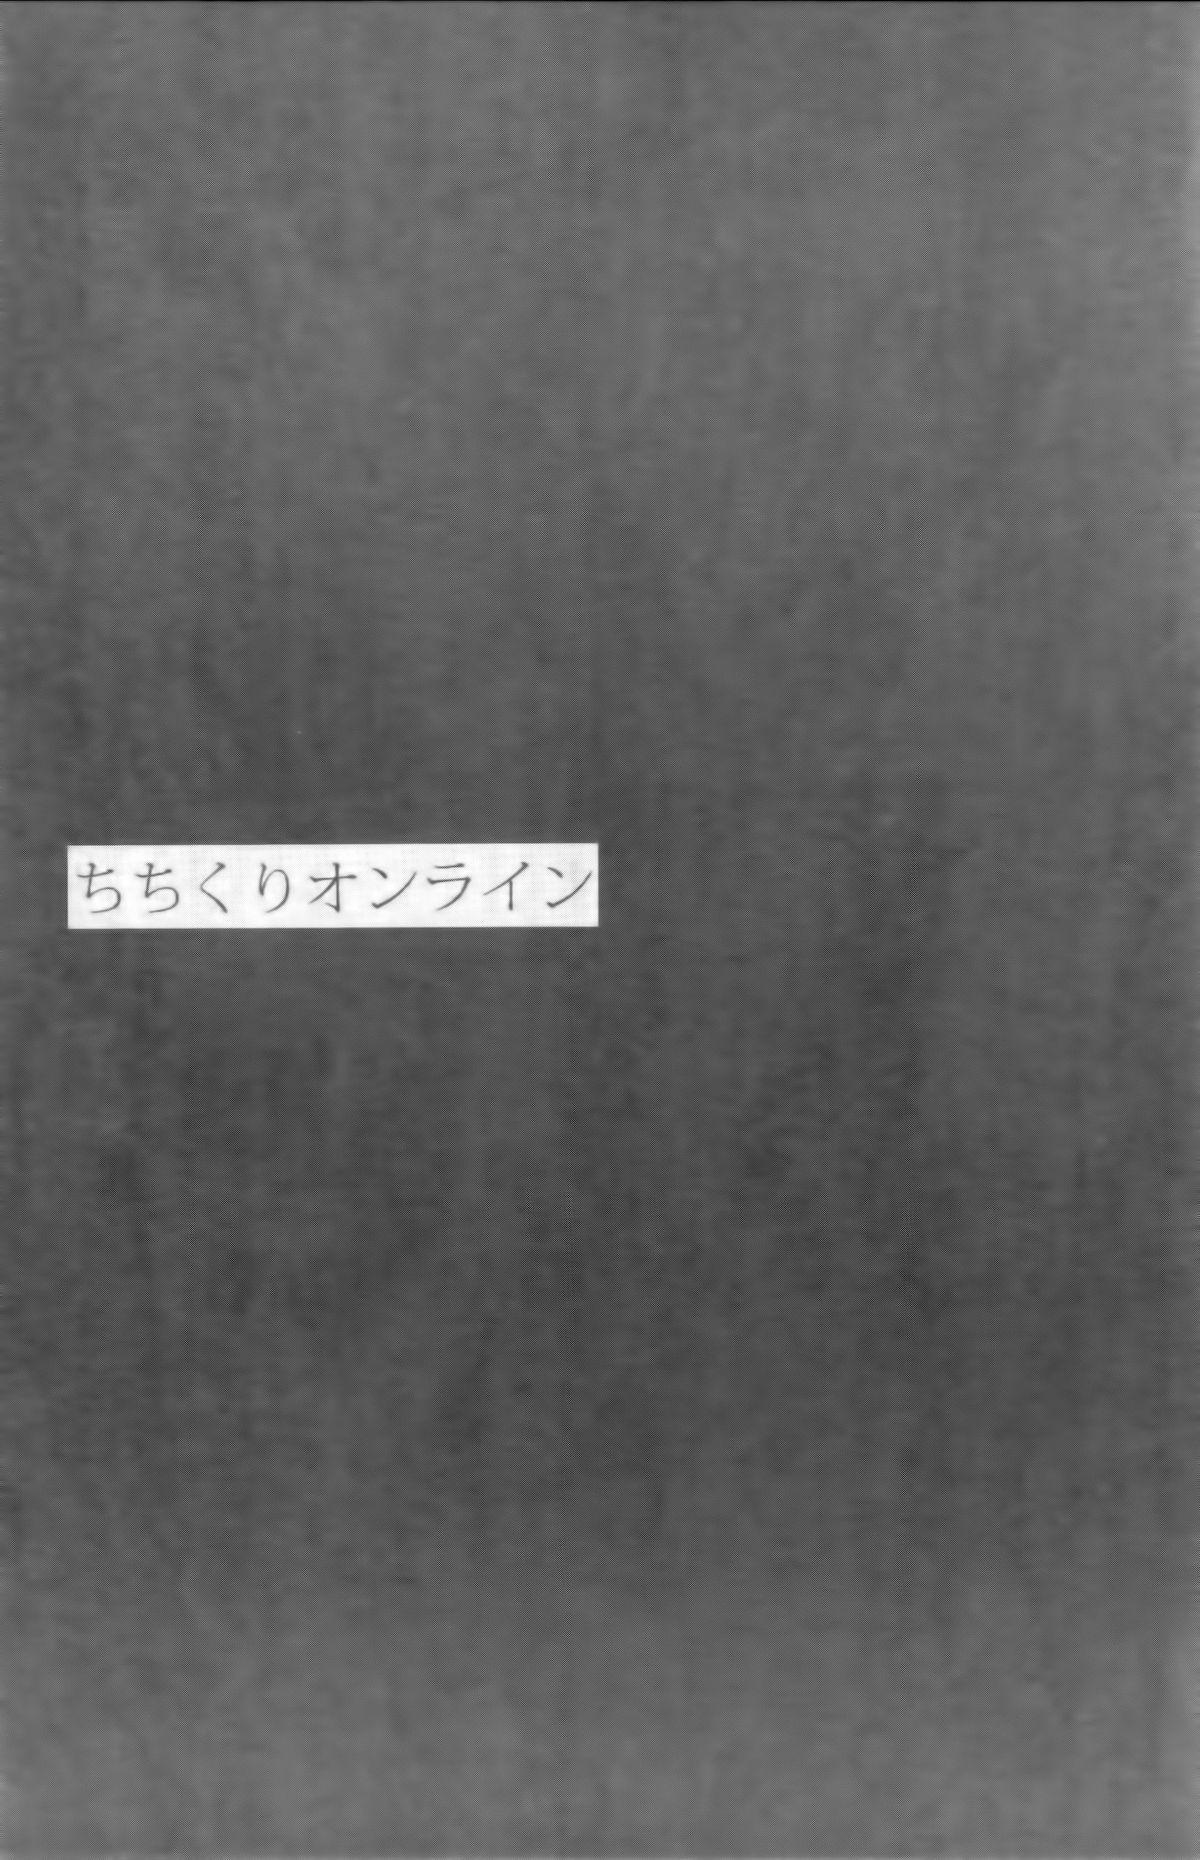 Chichikuri Online 2